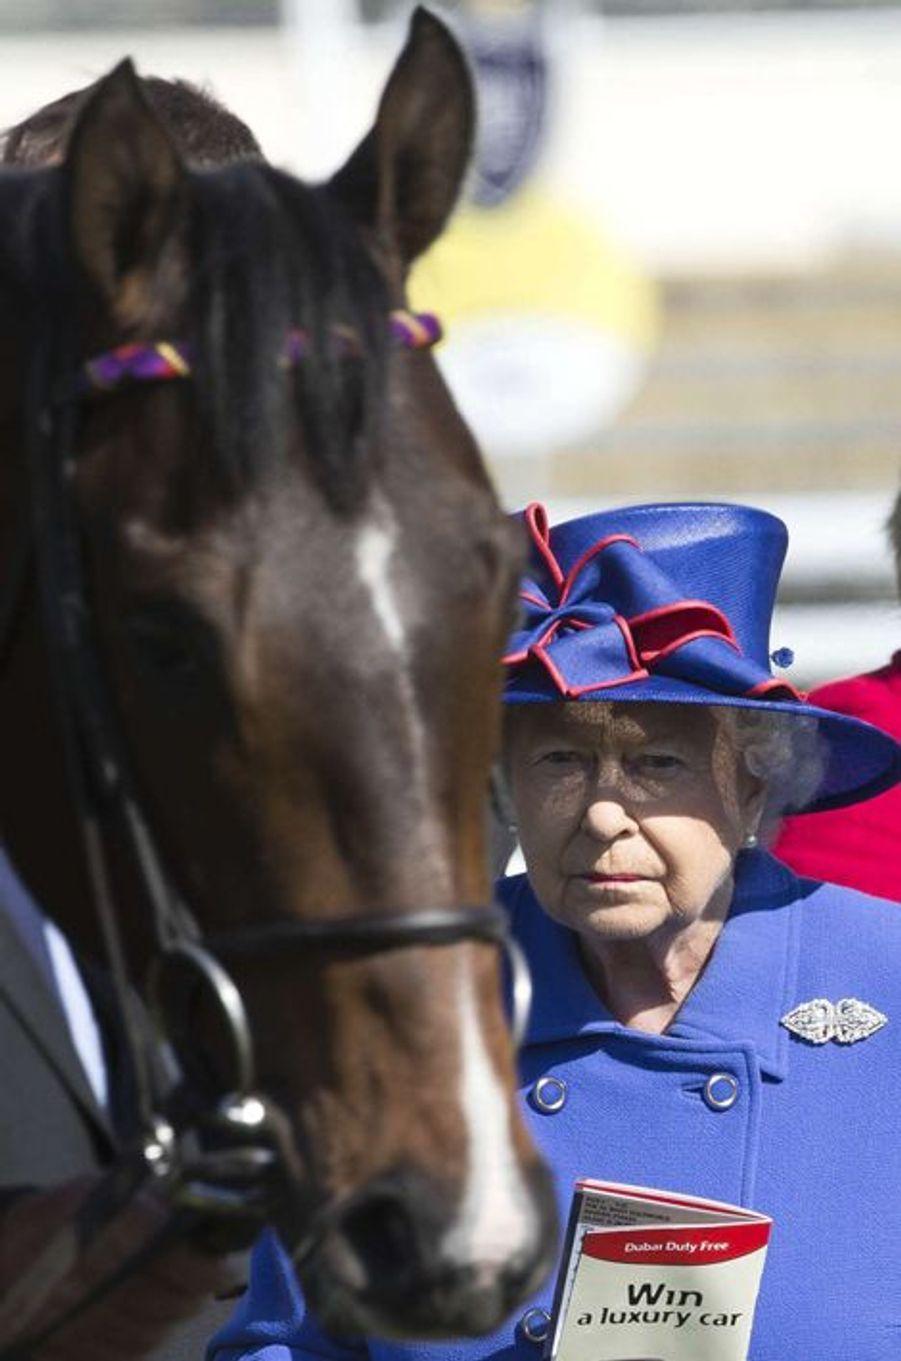 La reine Elizabeth II avec son cheval Fabricate à l'hippodrome de Newbury, le 18 avril 2015